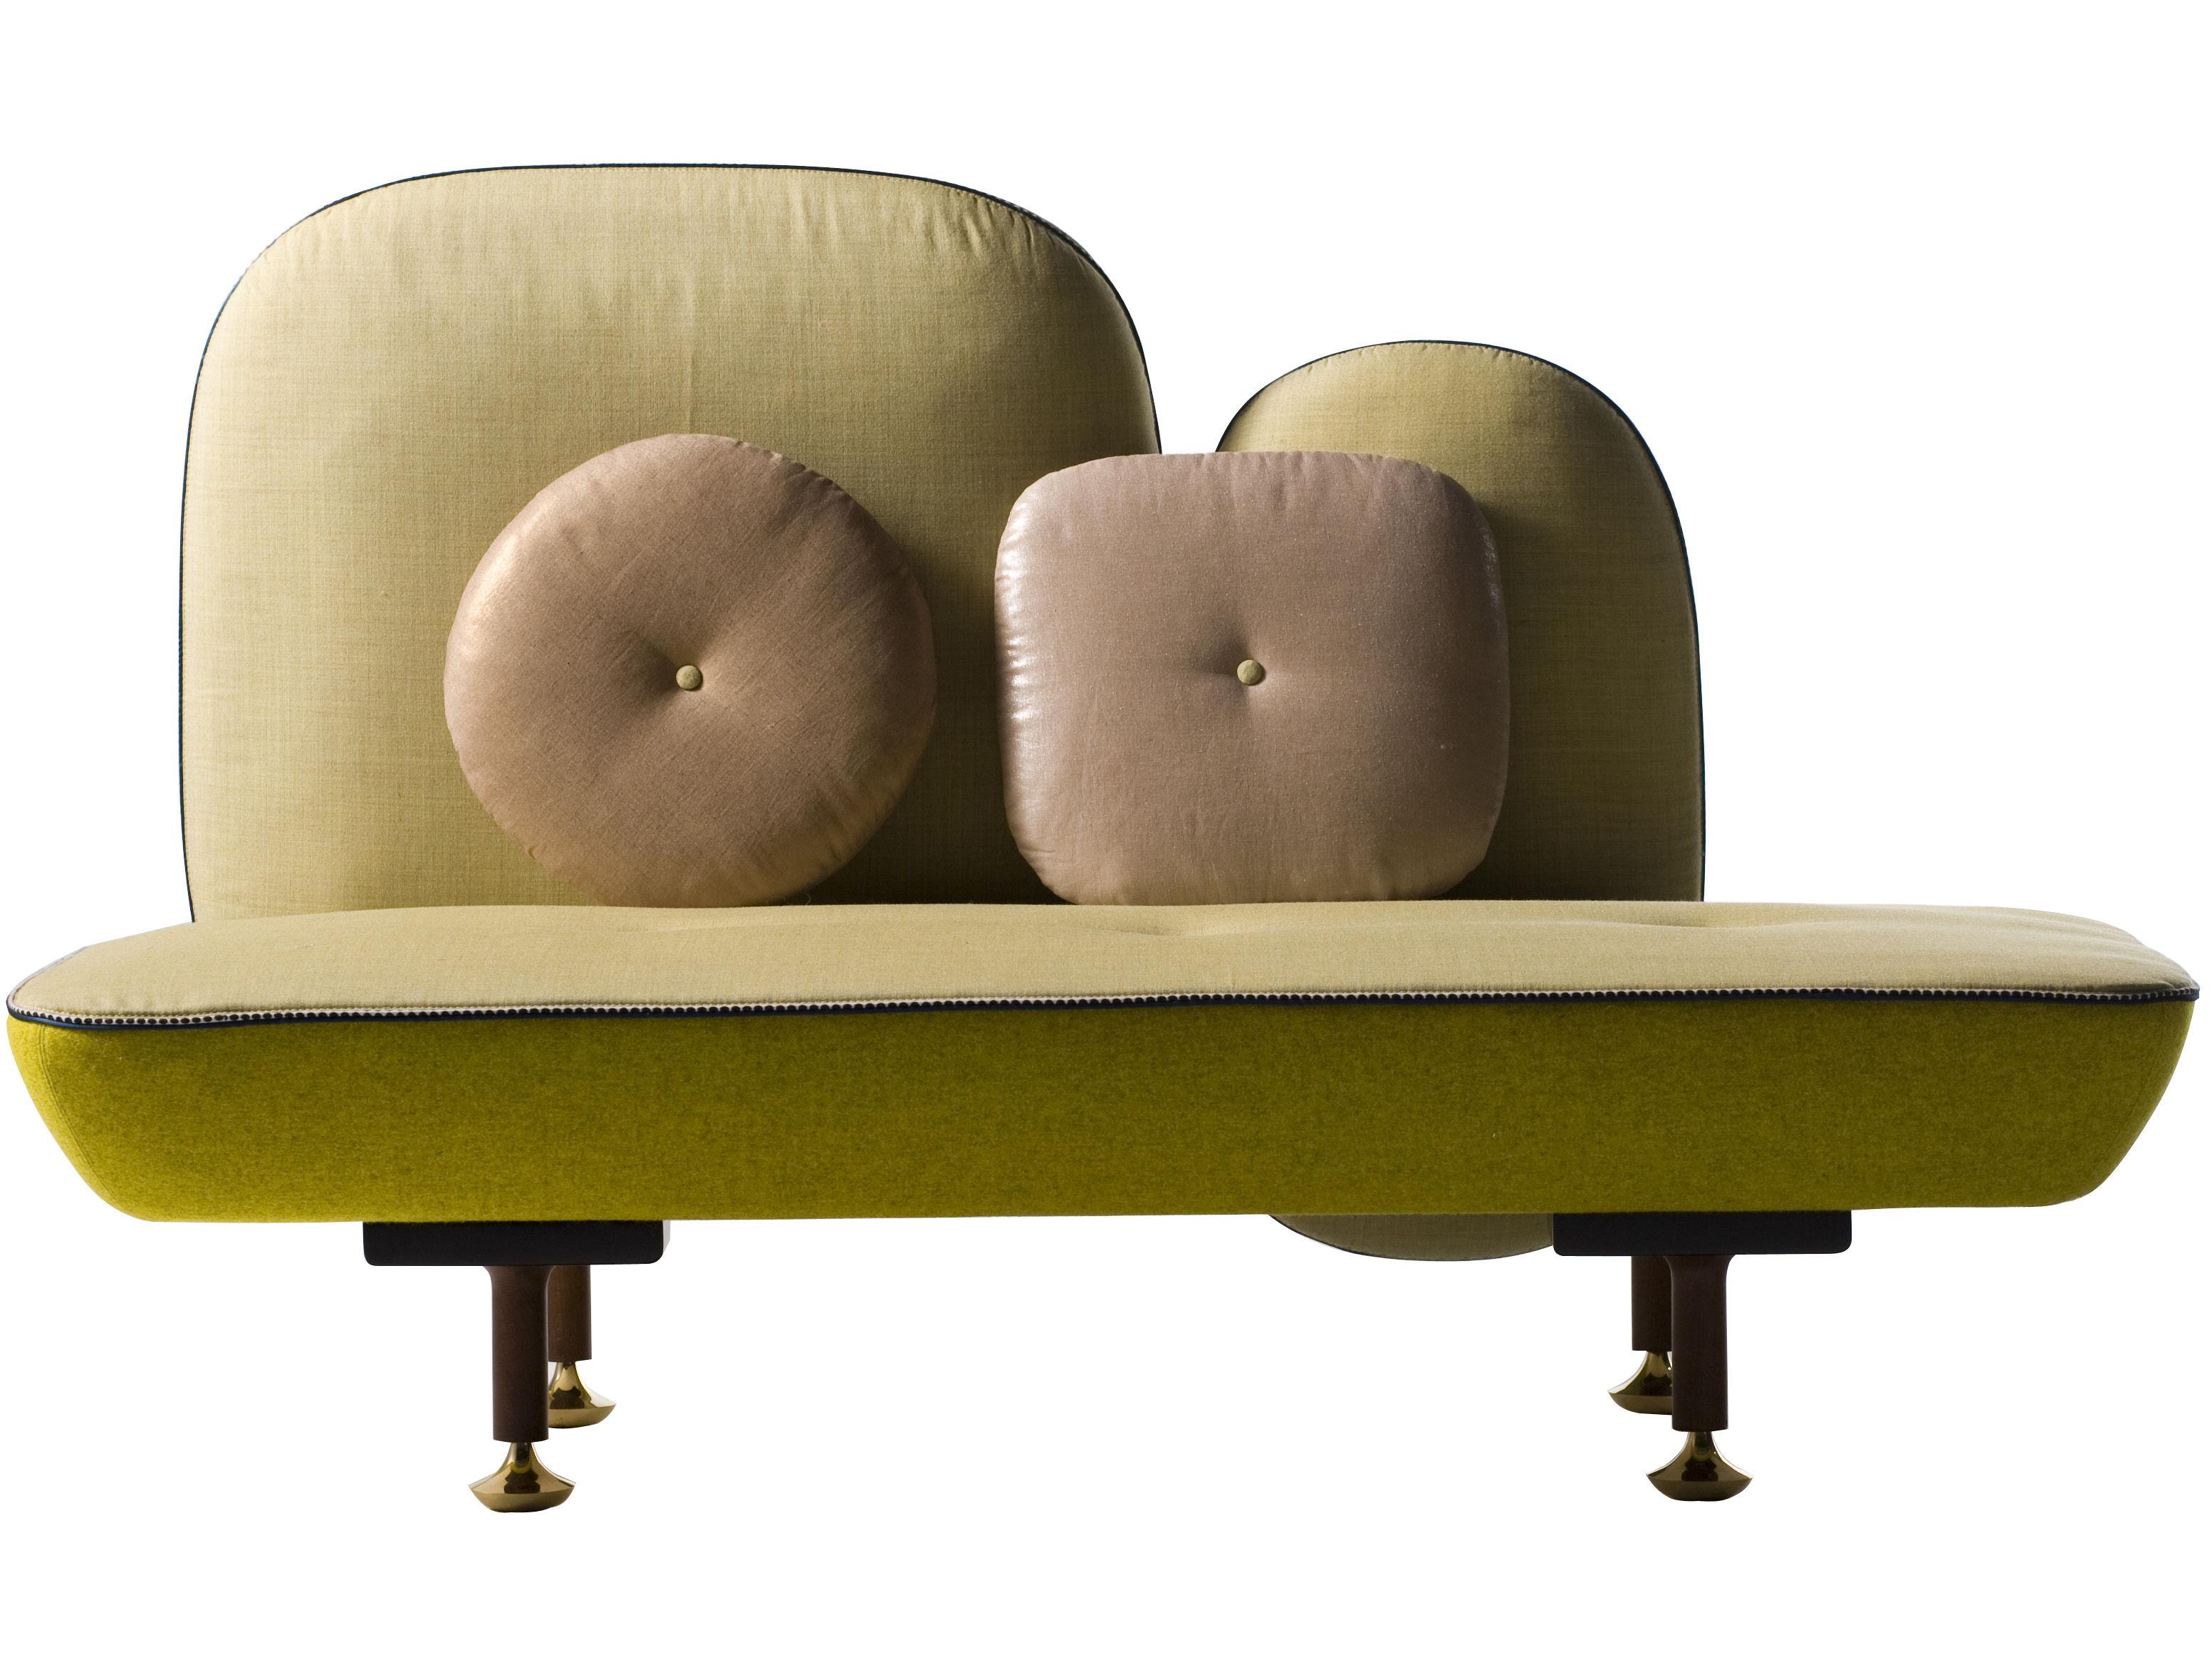 Arredamento - Divani moderni - Divano destro My Beautiful Backside - L 160 cm di Moroso - Giallo/verde - Lana, Metallo, Noce